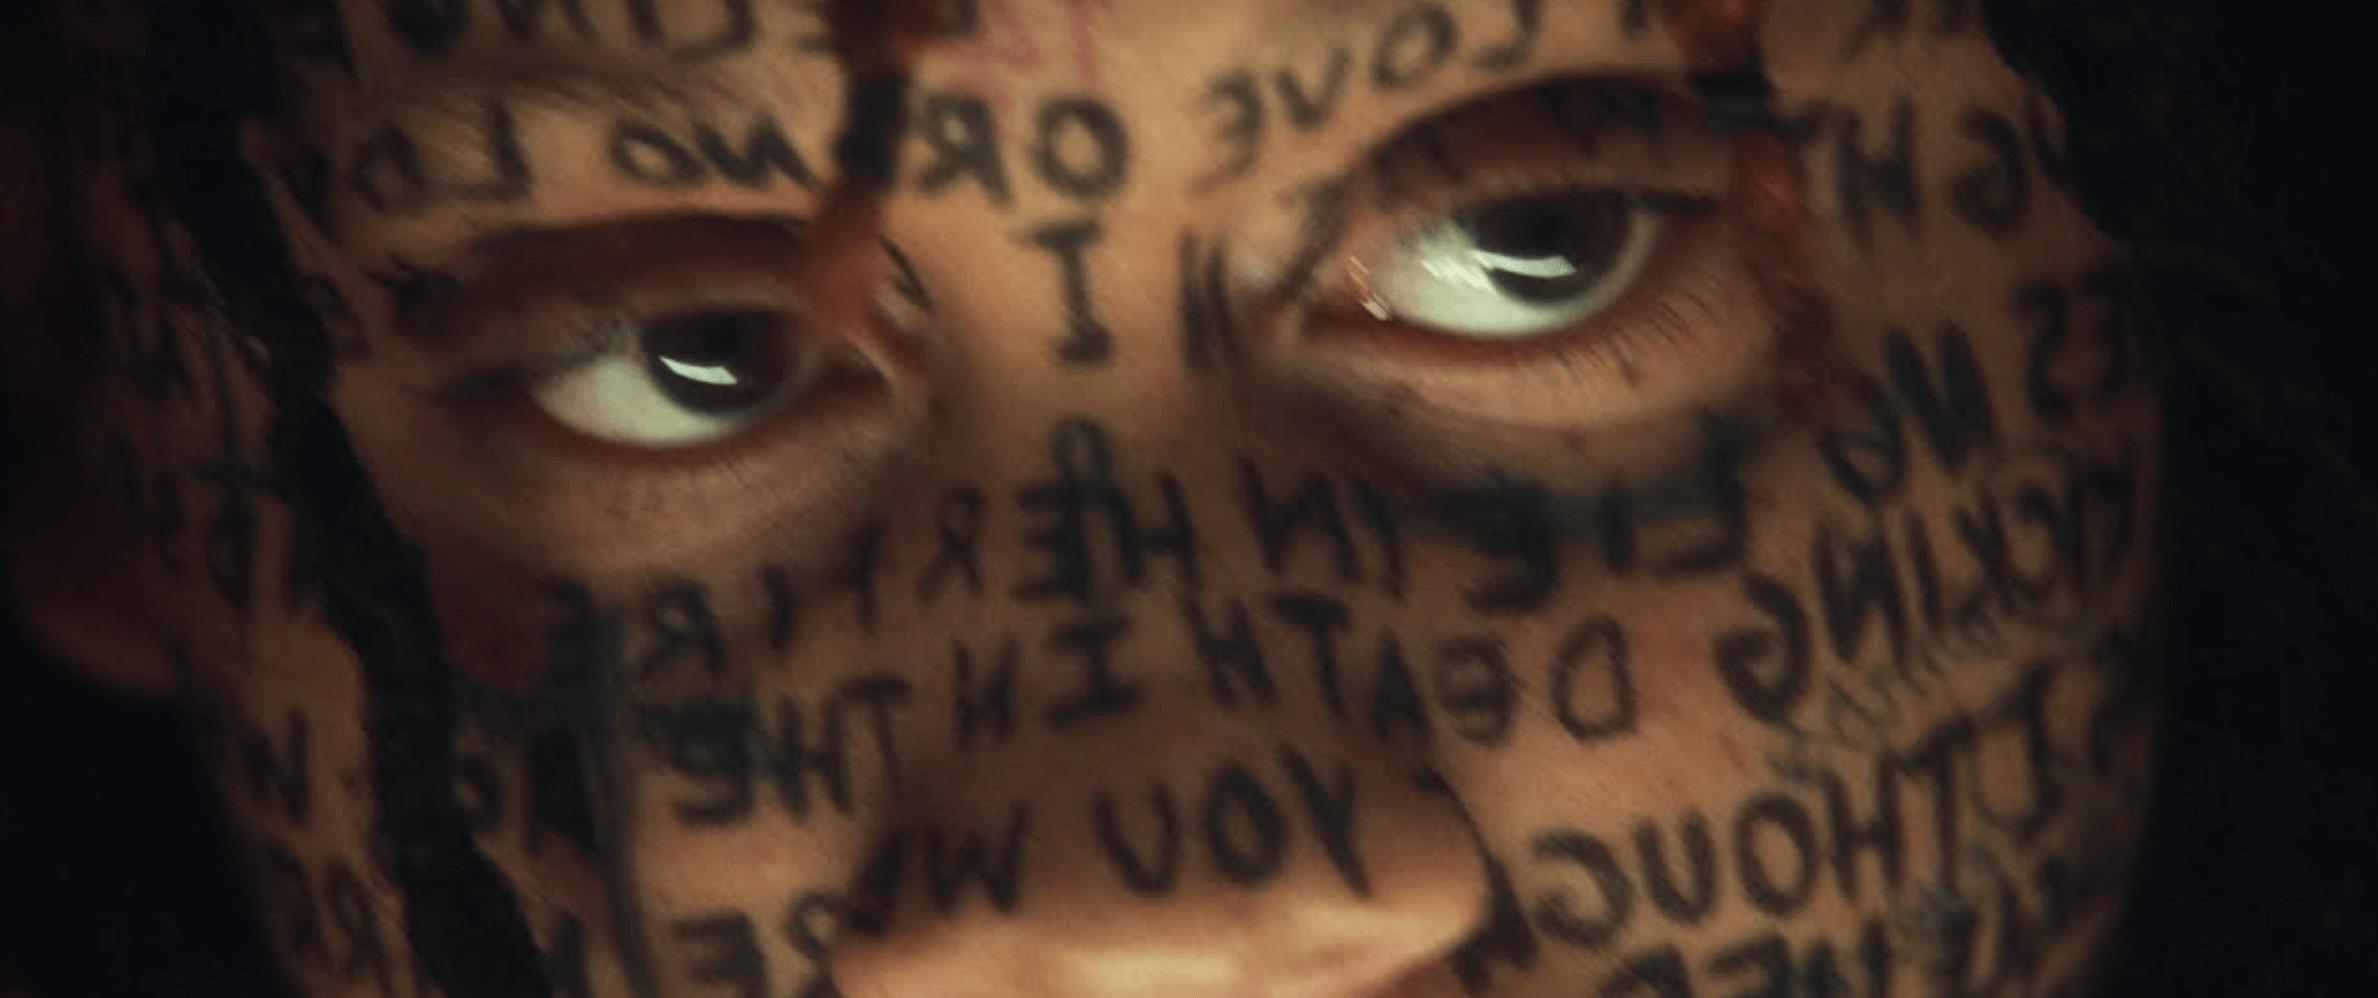 Trippie Redd - Who Needs Love